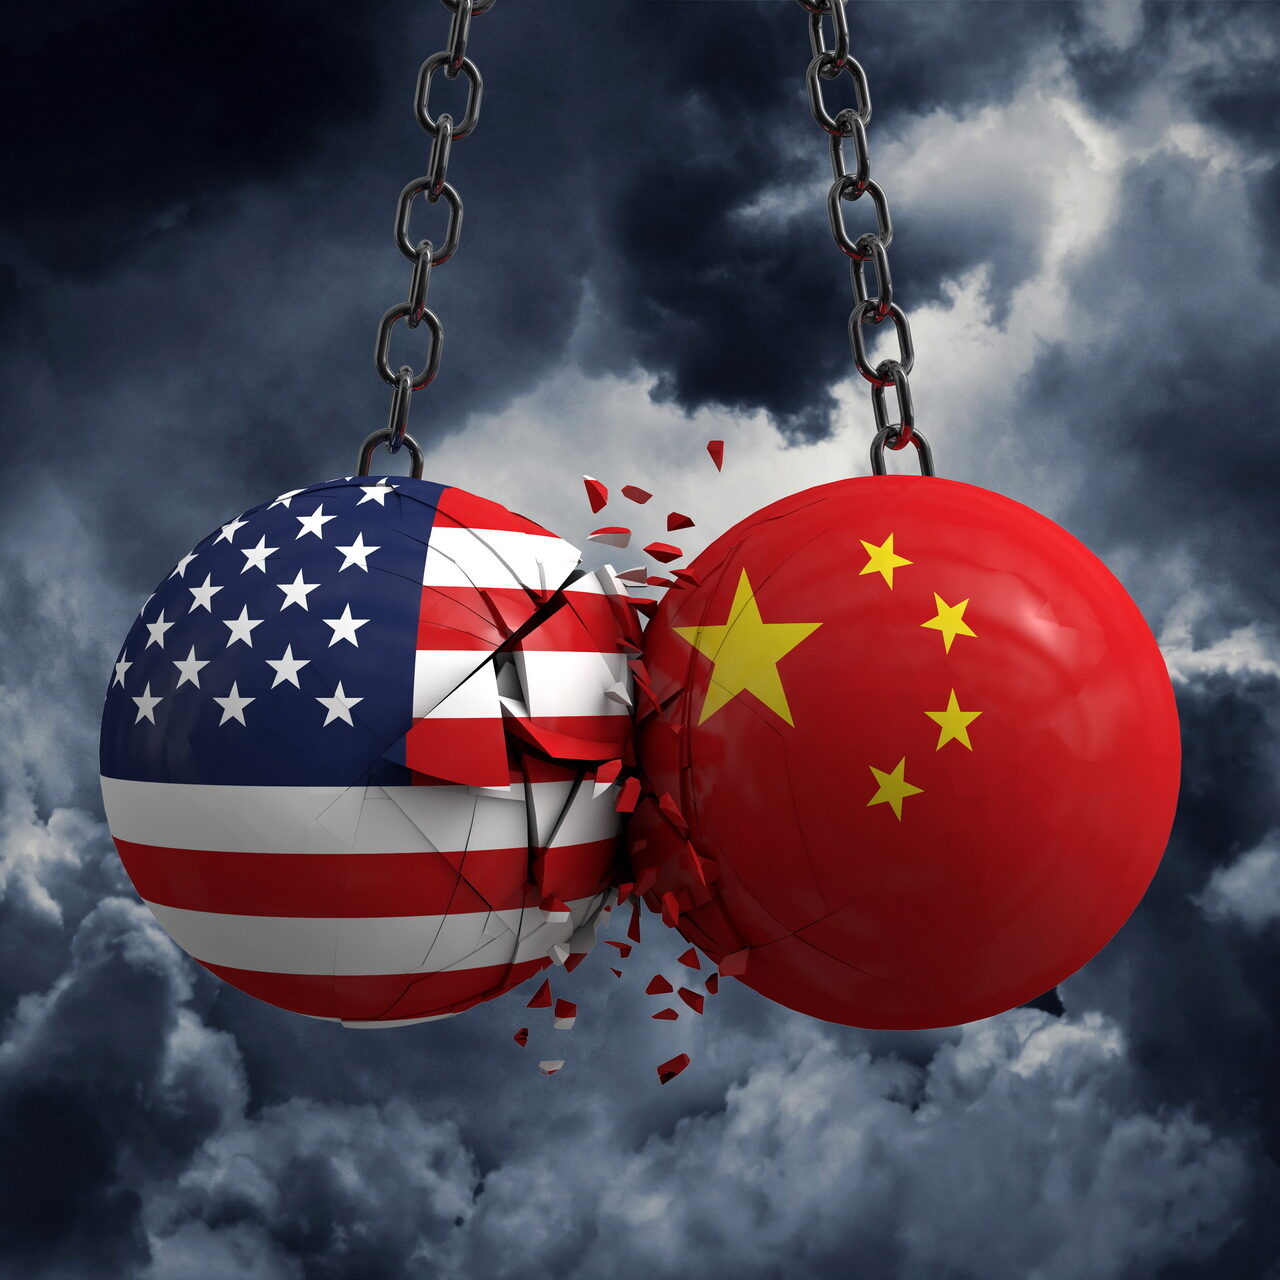 Der Kampf um die globale Vormachtstellung